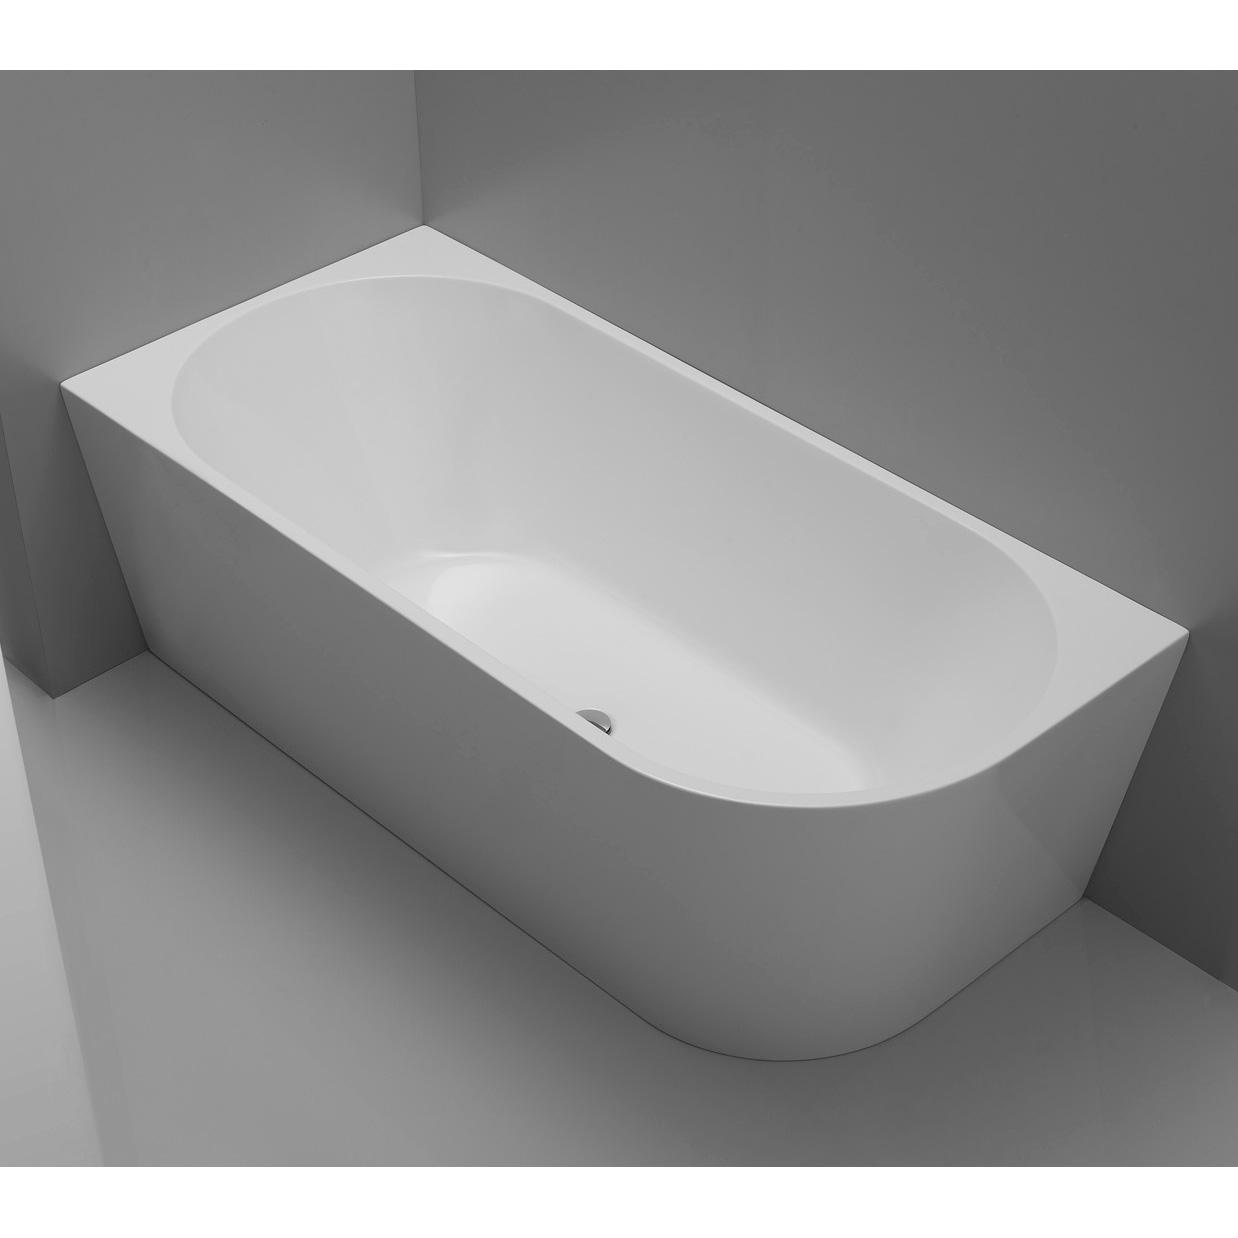 Акриловая ванна Belbagno BB79-1500L умывальник marmite bianca 1500l